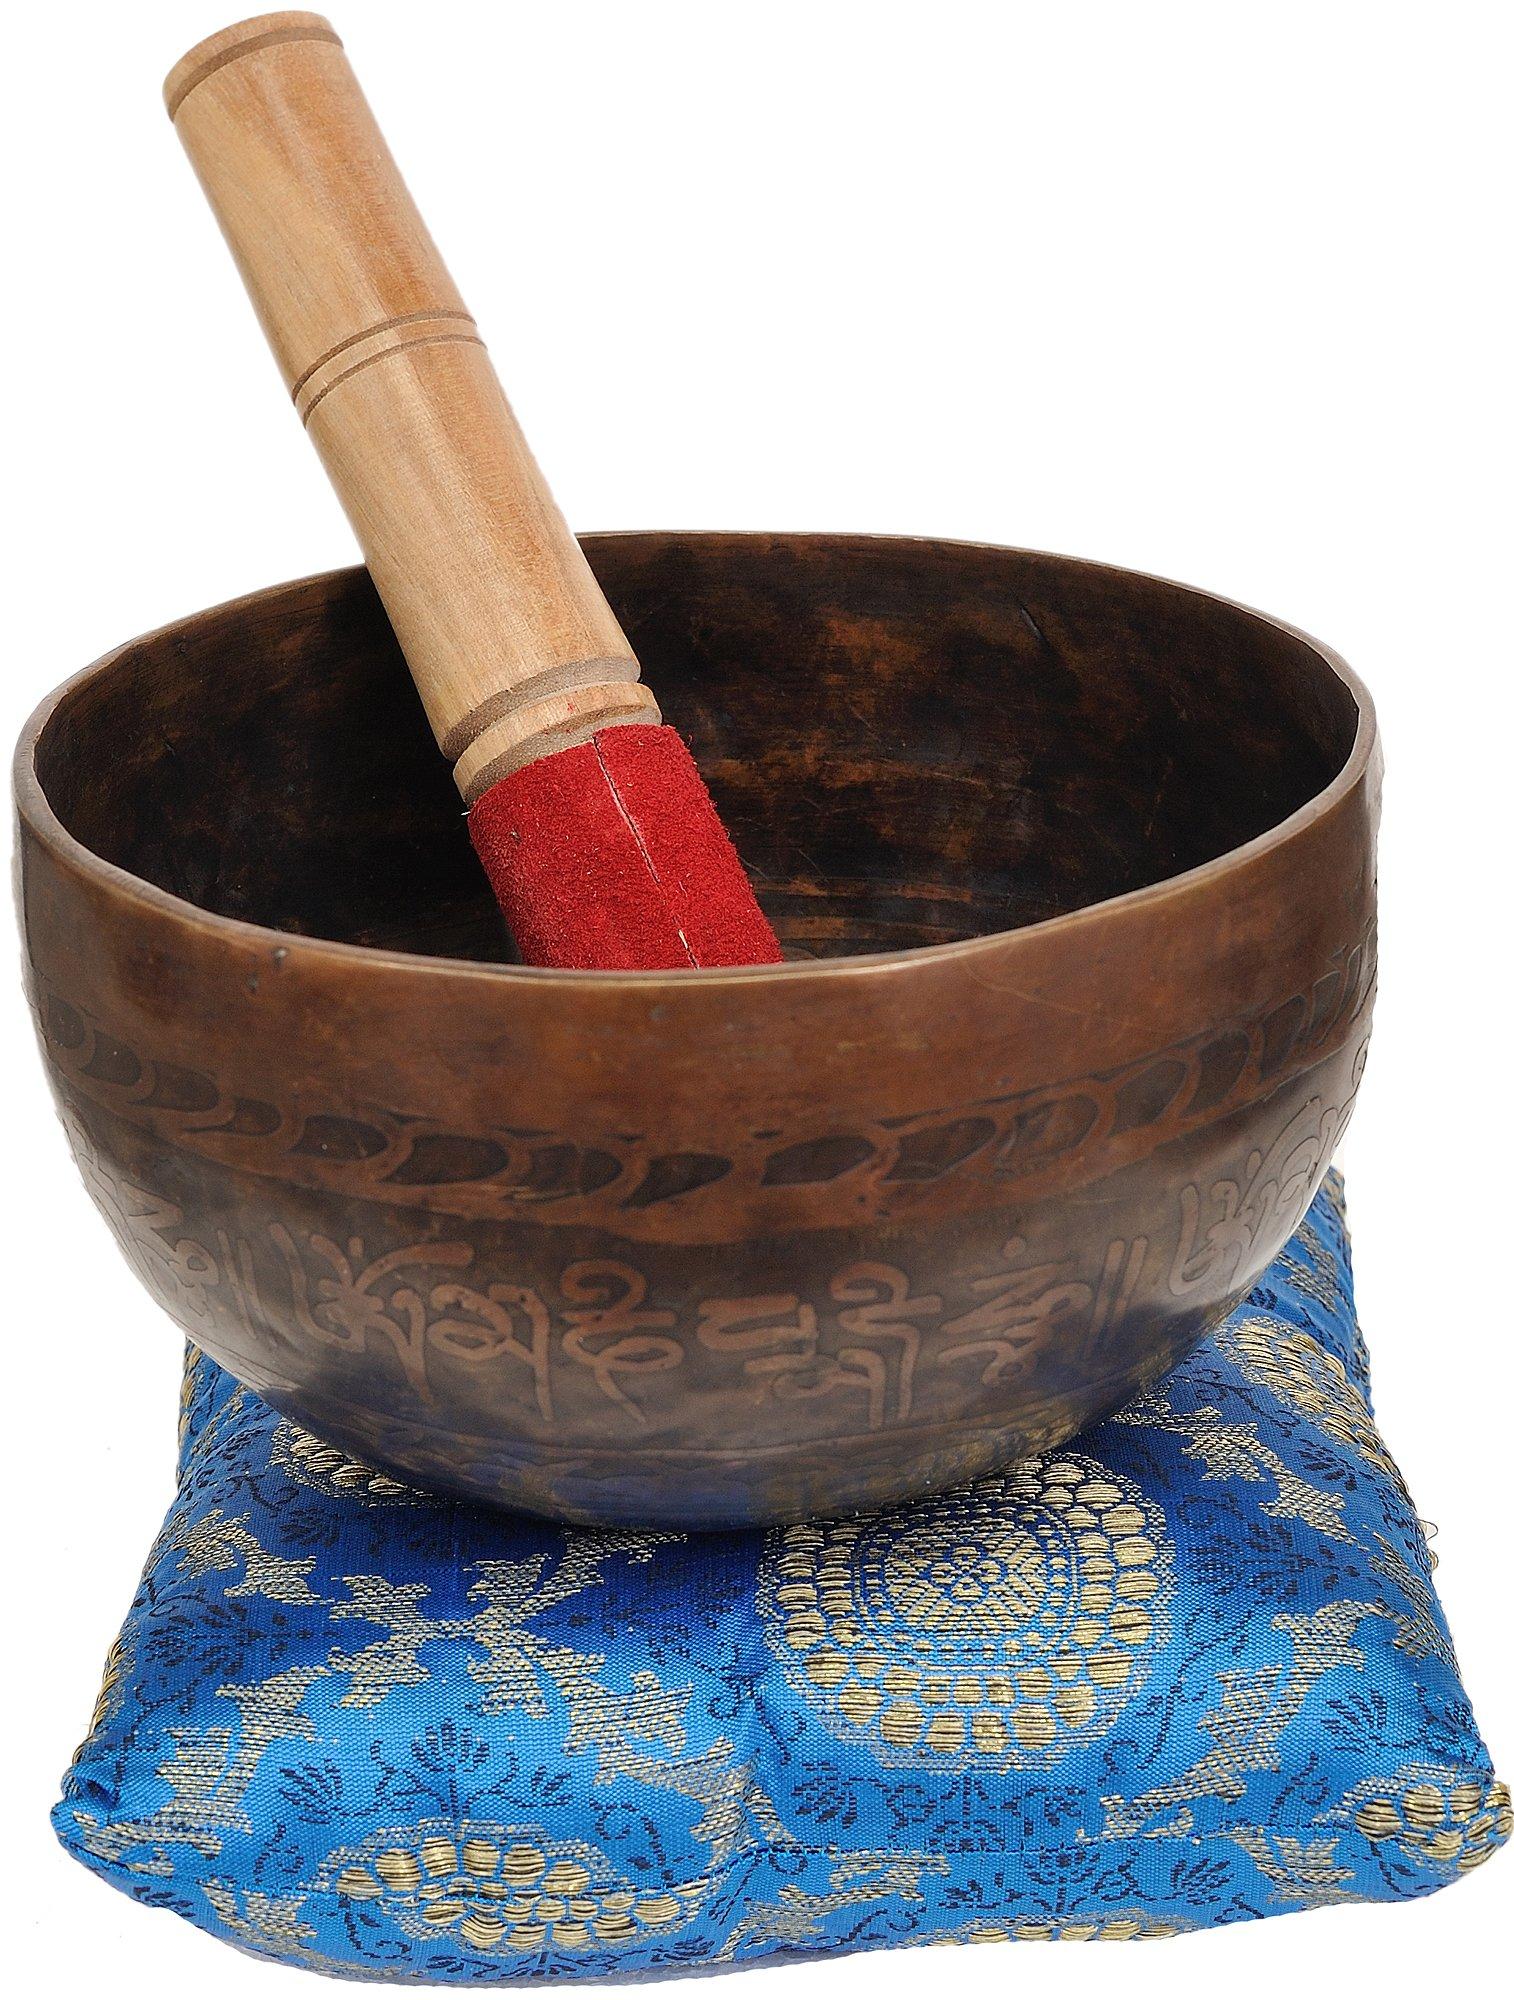 how to choose tibetan singing bowl